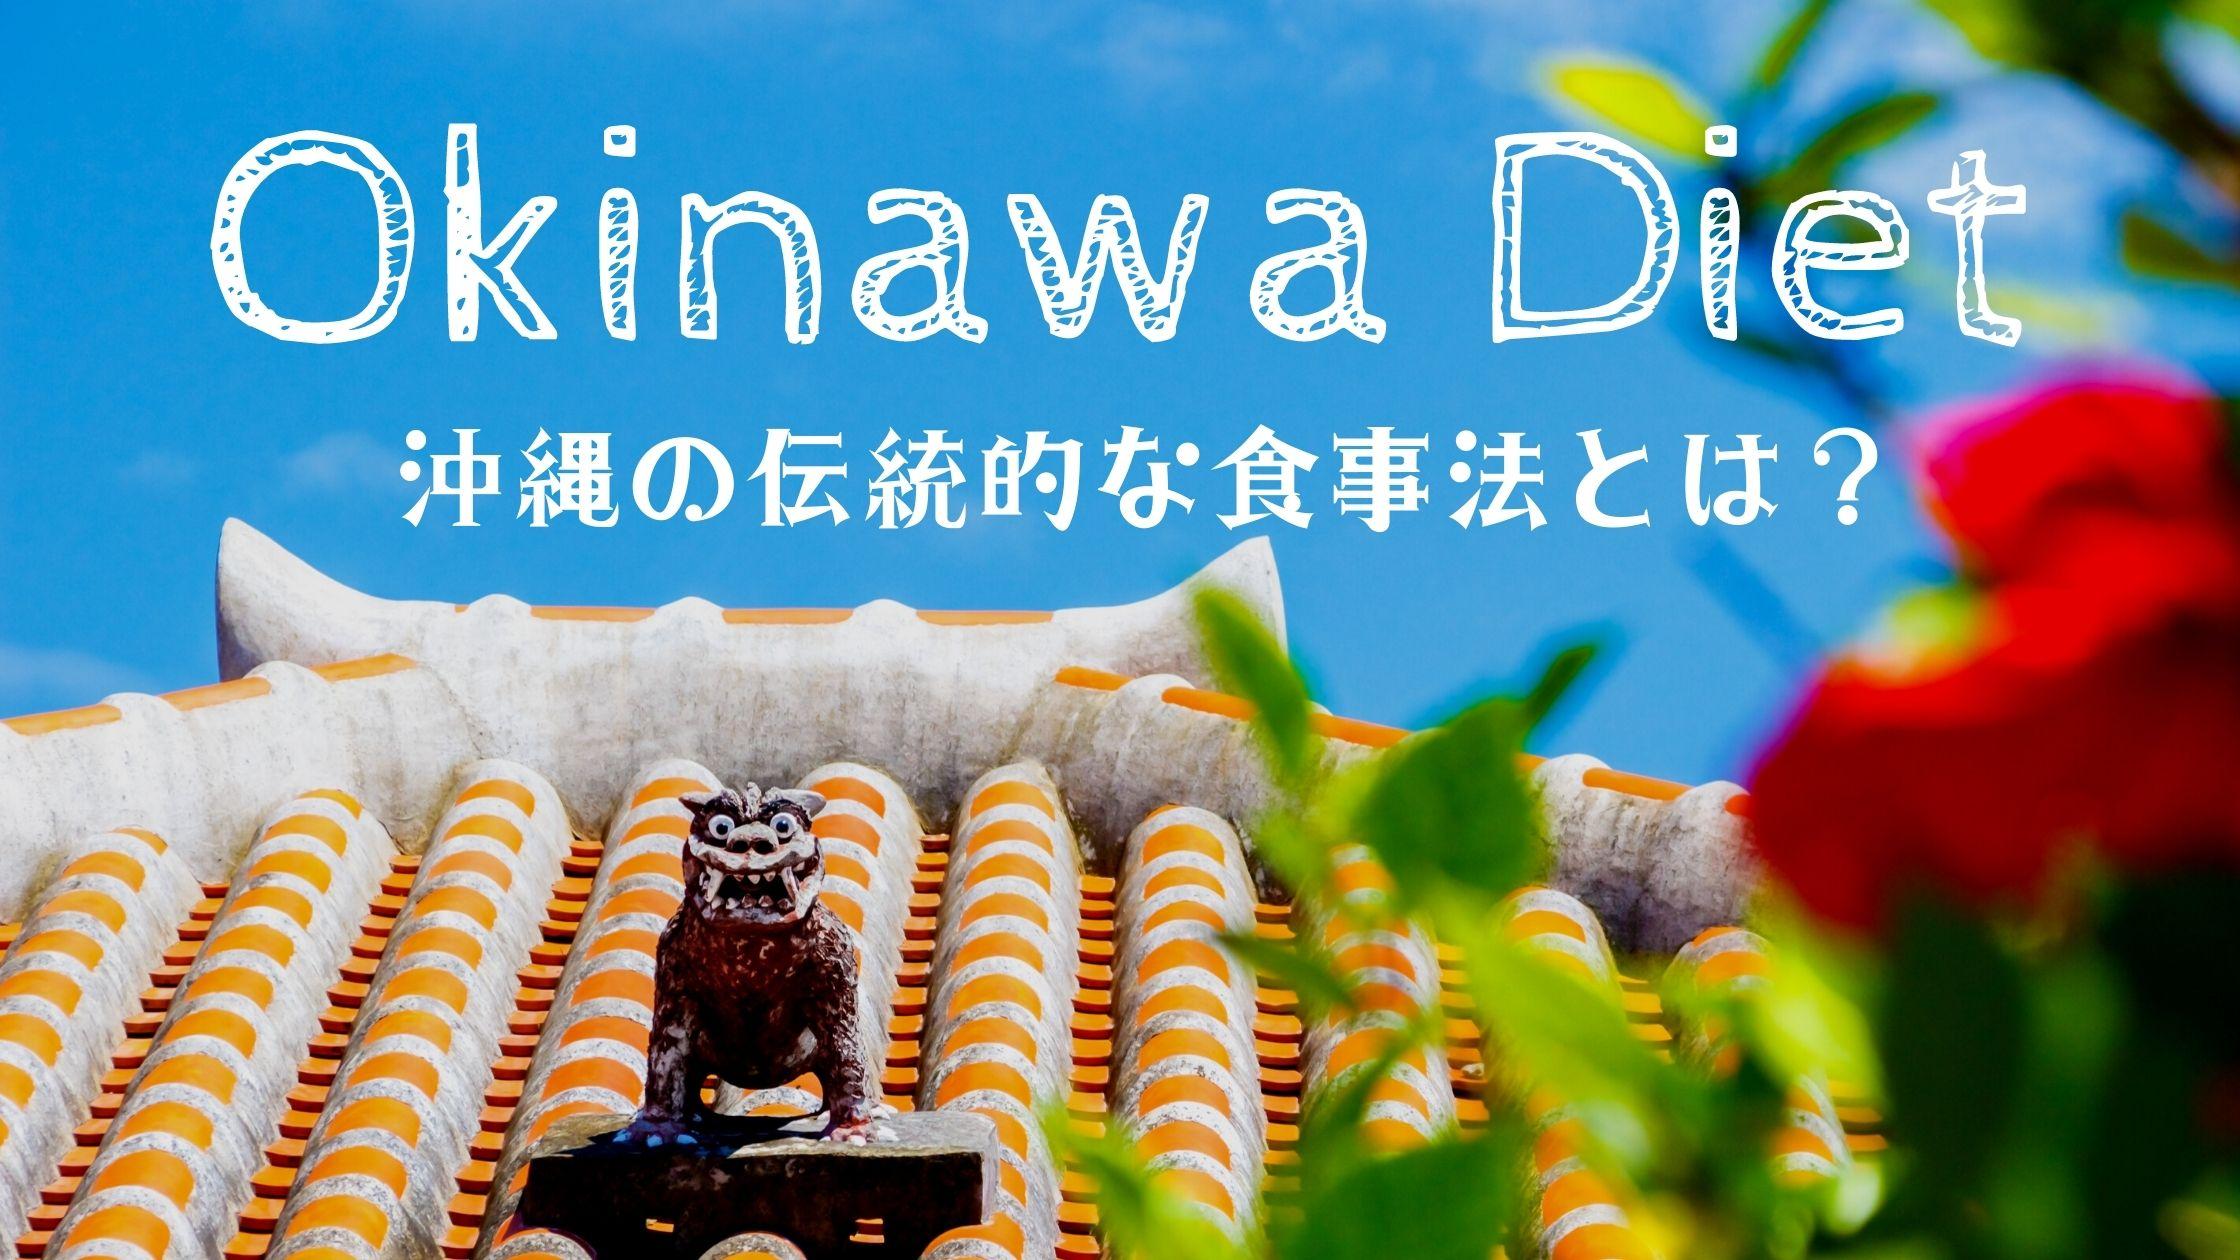 沖縄 長寿 ヴィーガン 食事法